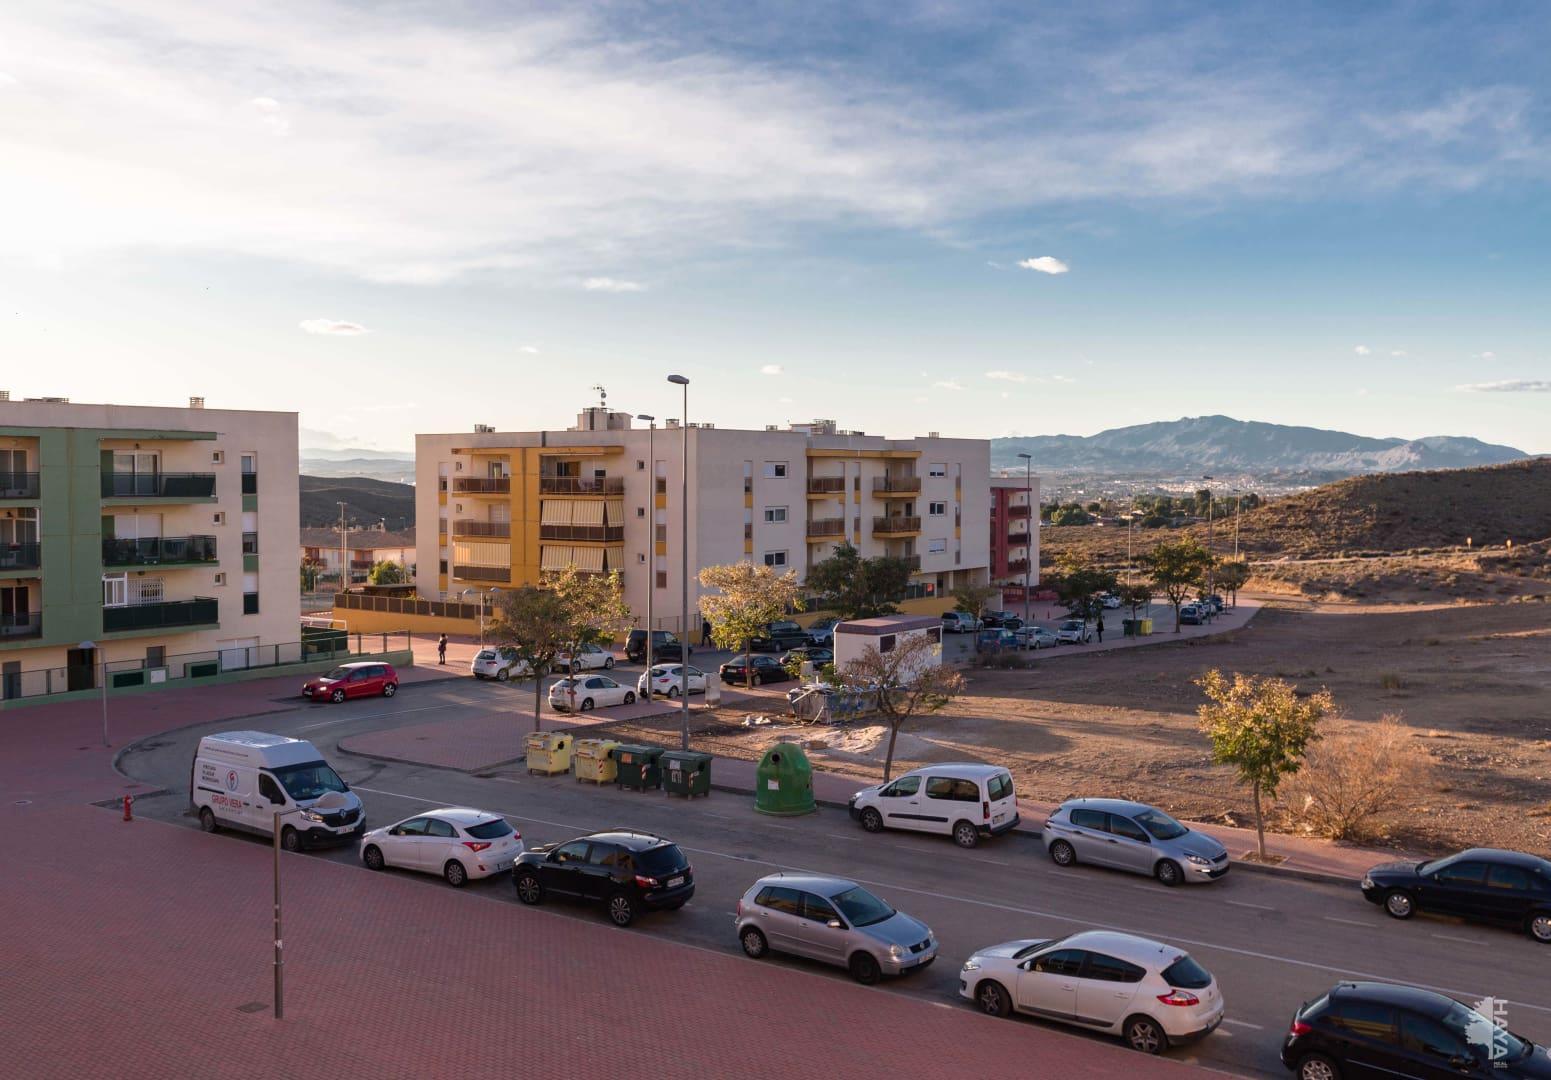 Piso en venta en Molina de Segura, Murcia, Calle Partida Vertientes, 117.000 €, 2 habitaciones, 1 baño, 104 m2